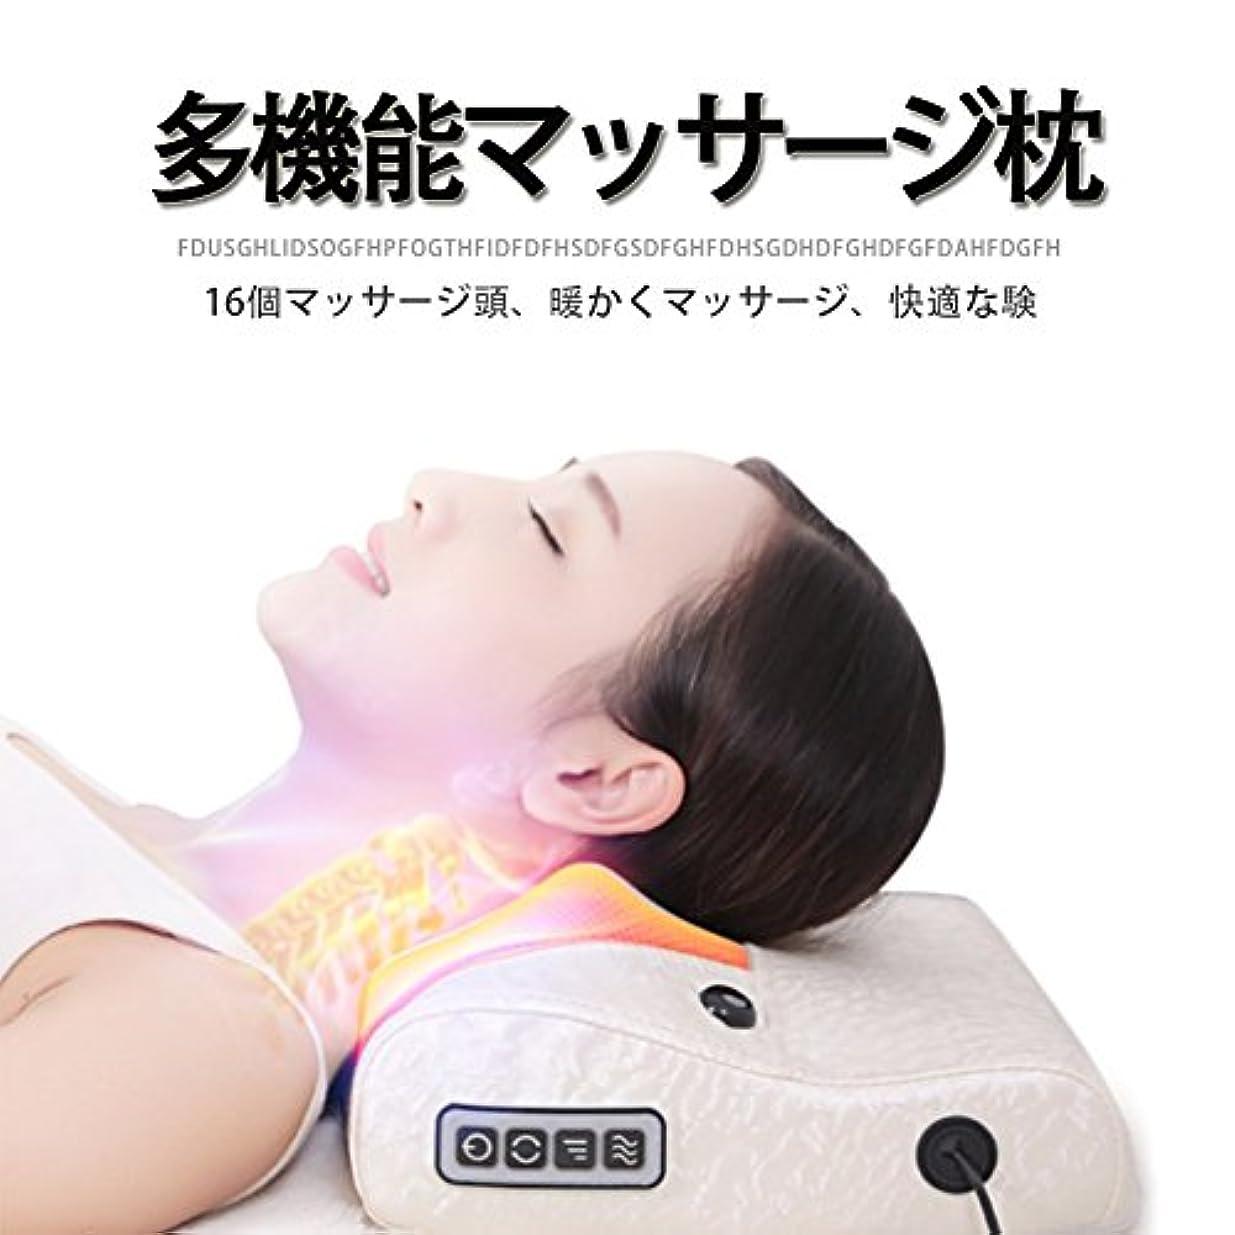 買う記念とげLeaTherBack マッサージ枕 首マッサージャー 首?肩マッサージ枕 首ストレッチマッサージャー 血液循環加速&ストレス解消 赤外線療法